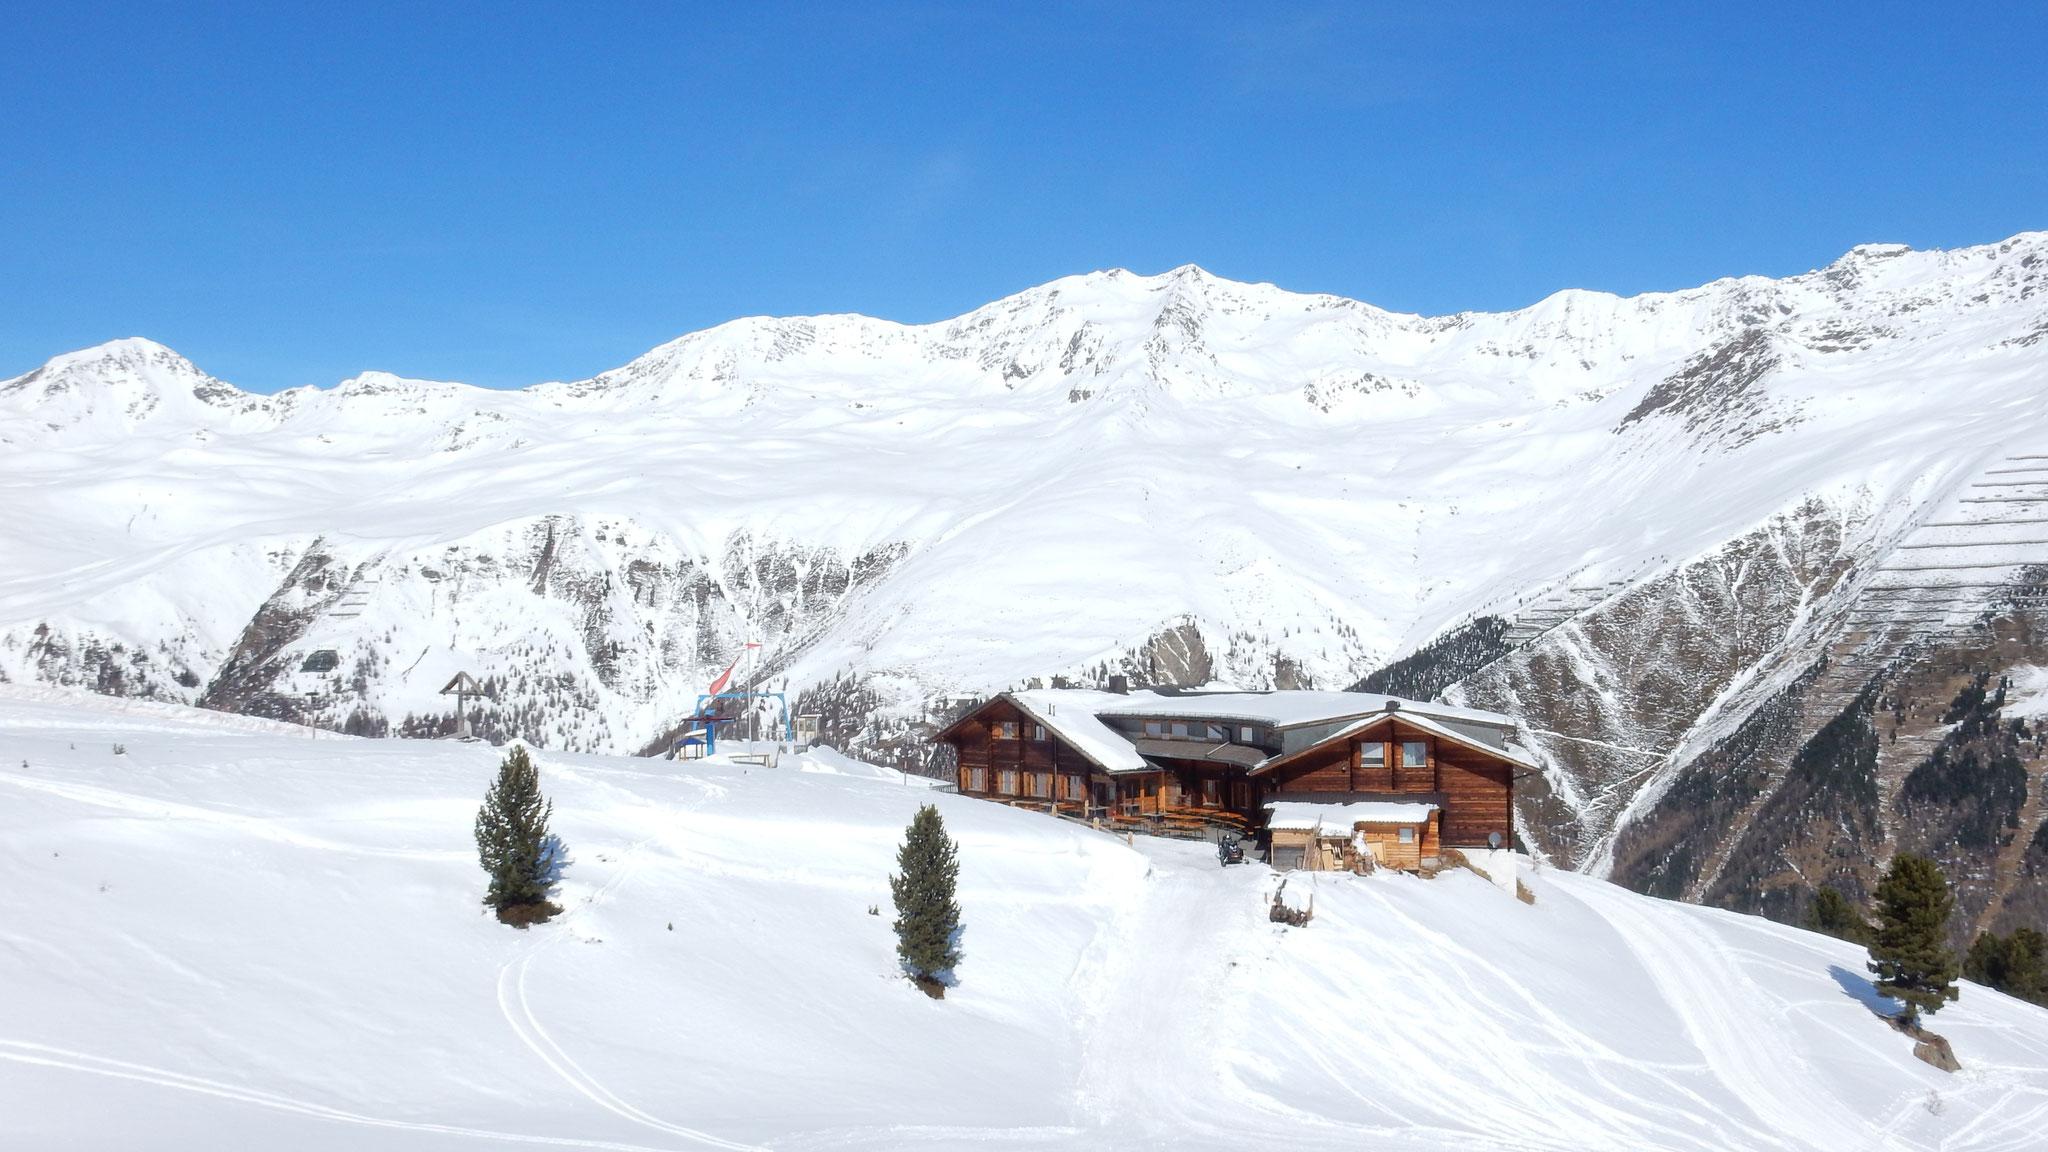 das schöne Berggasthaus Maseben